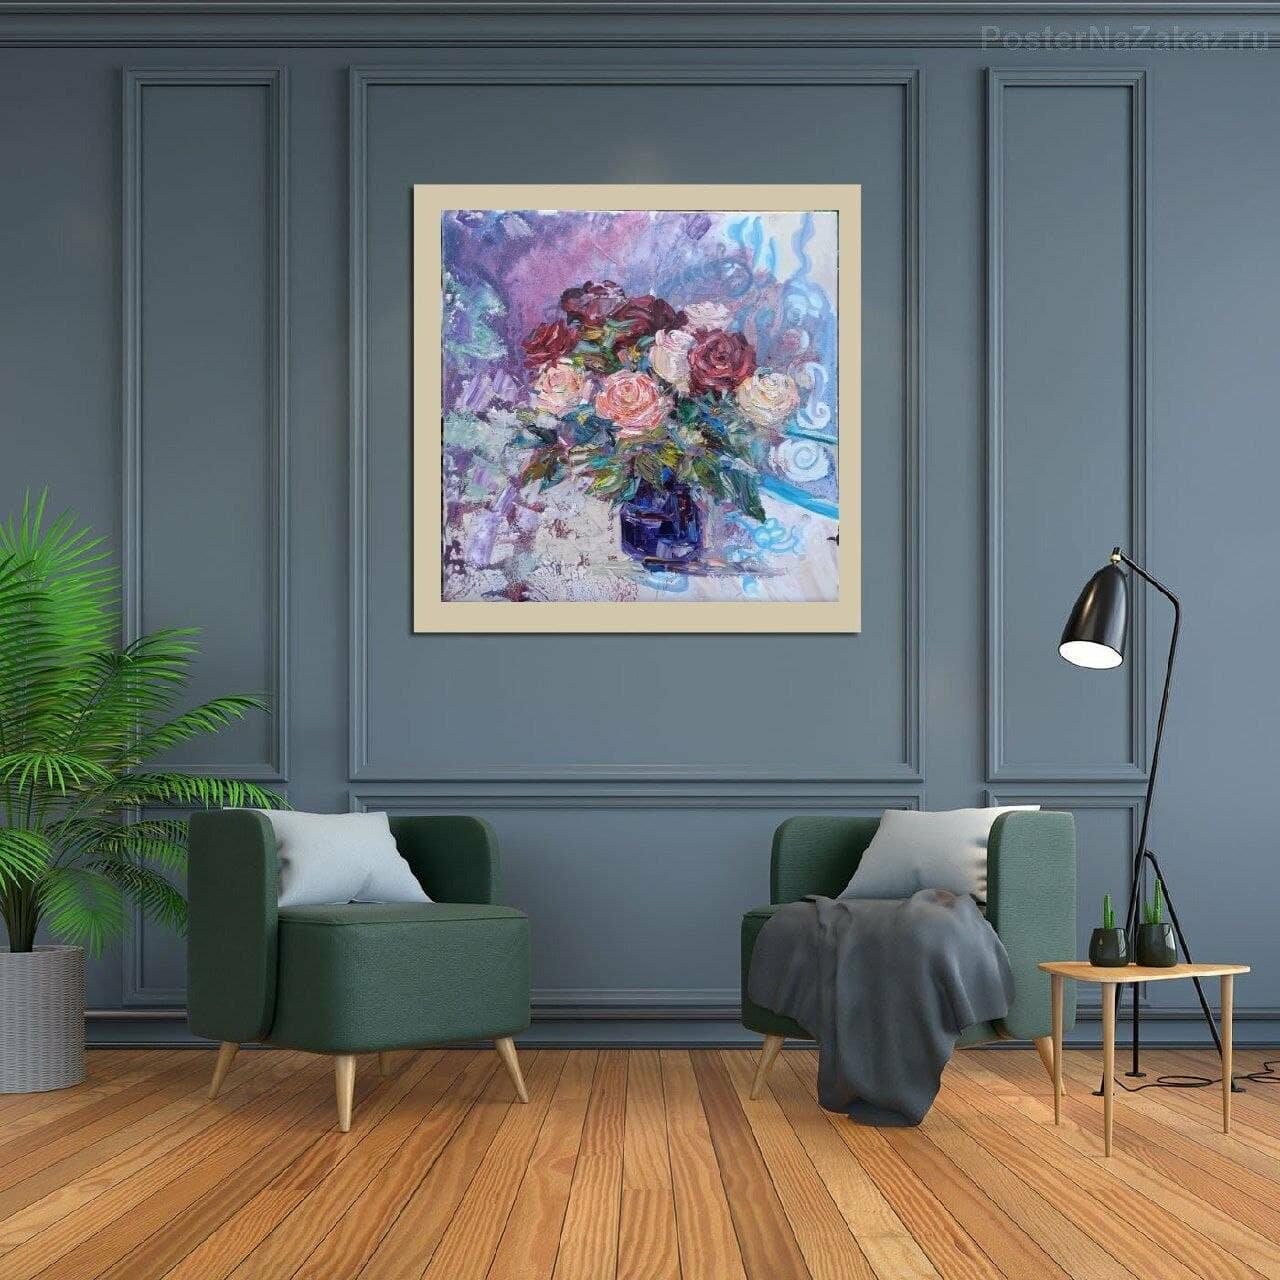 Продаж картин, галерея Браво ART, фото-9